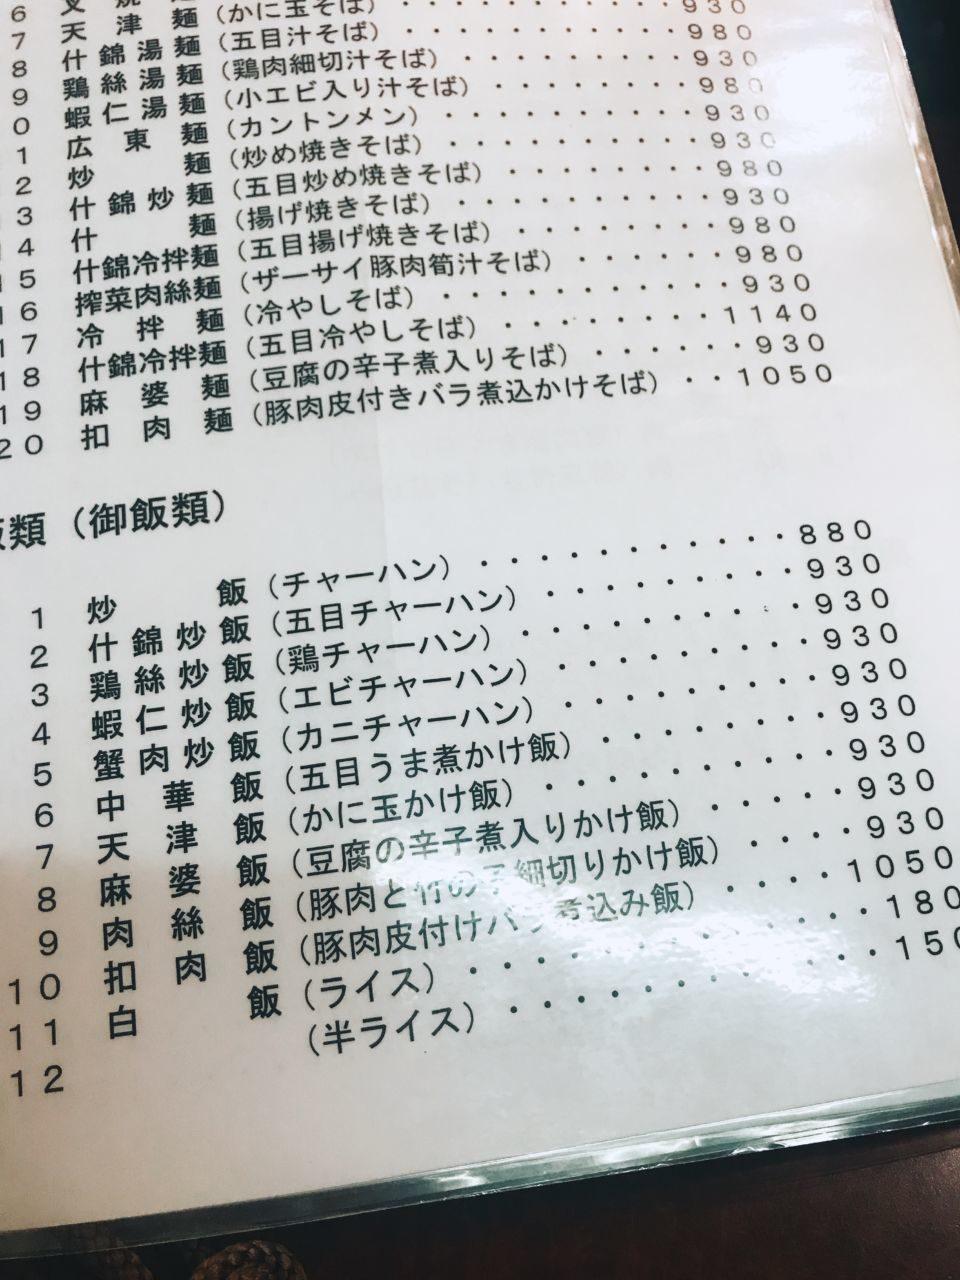 長崎飯店(ナガサキハンテン)渋谷店 メニュー